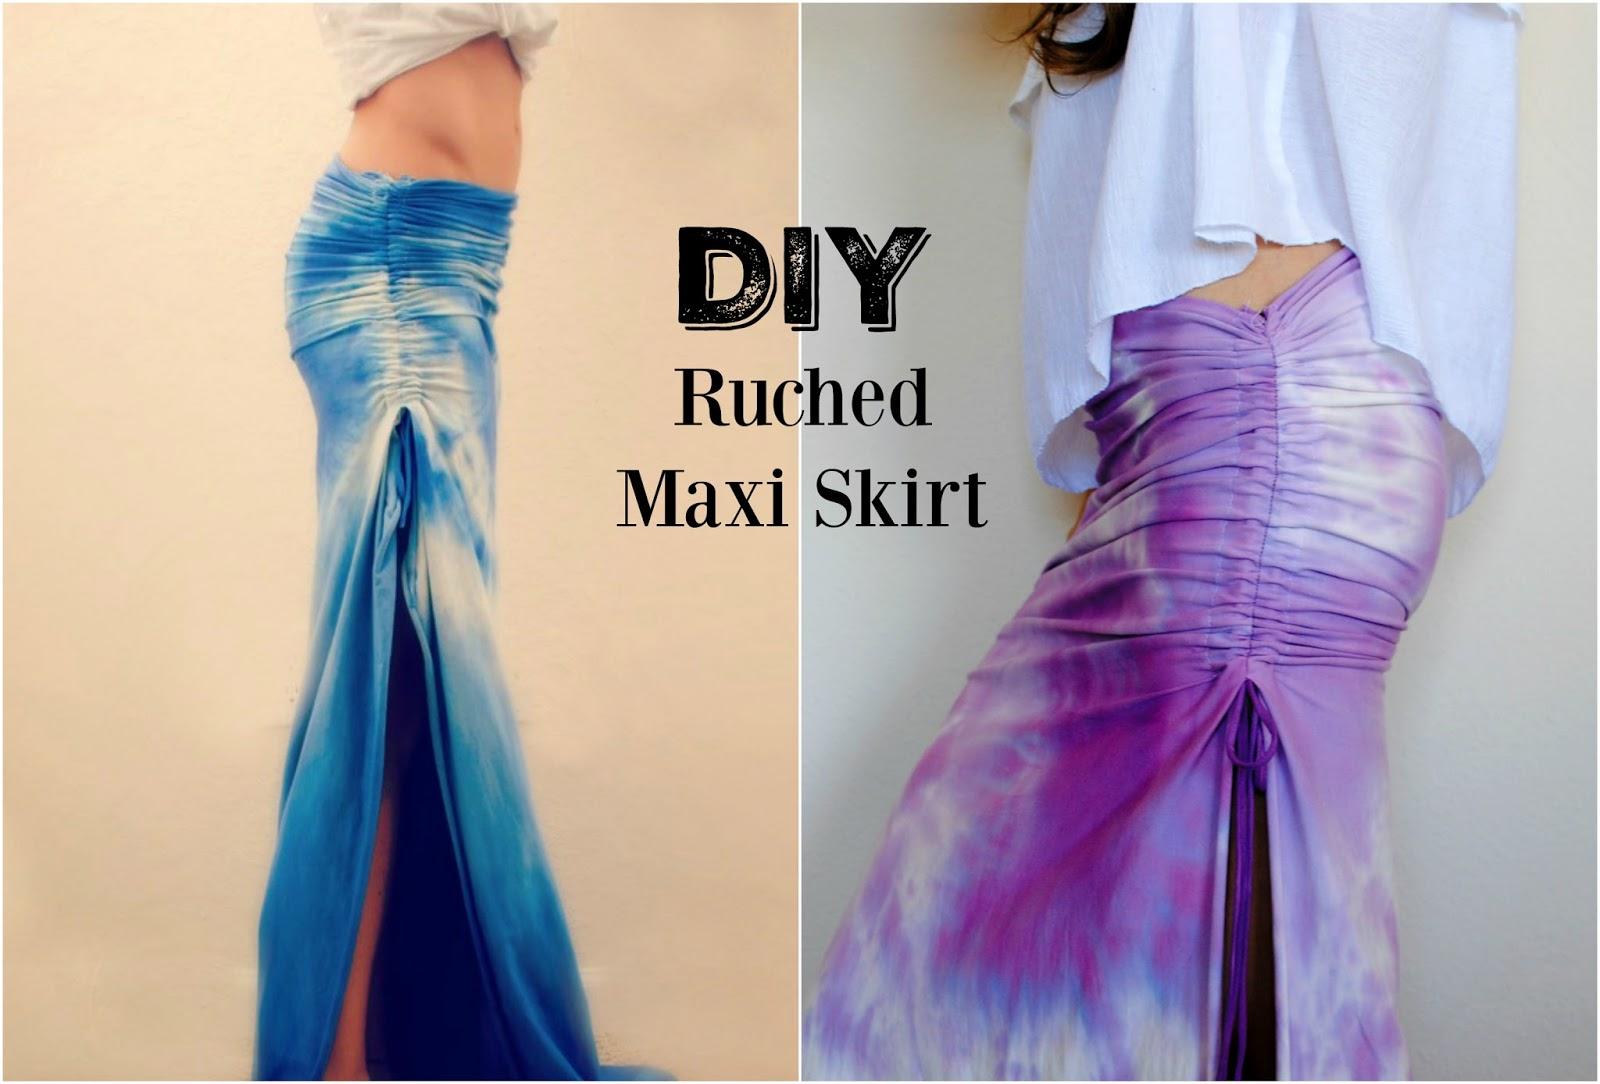 jacquard indigo dye instructions